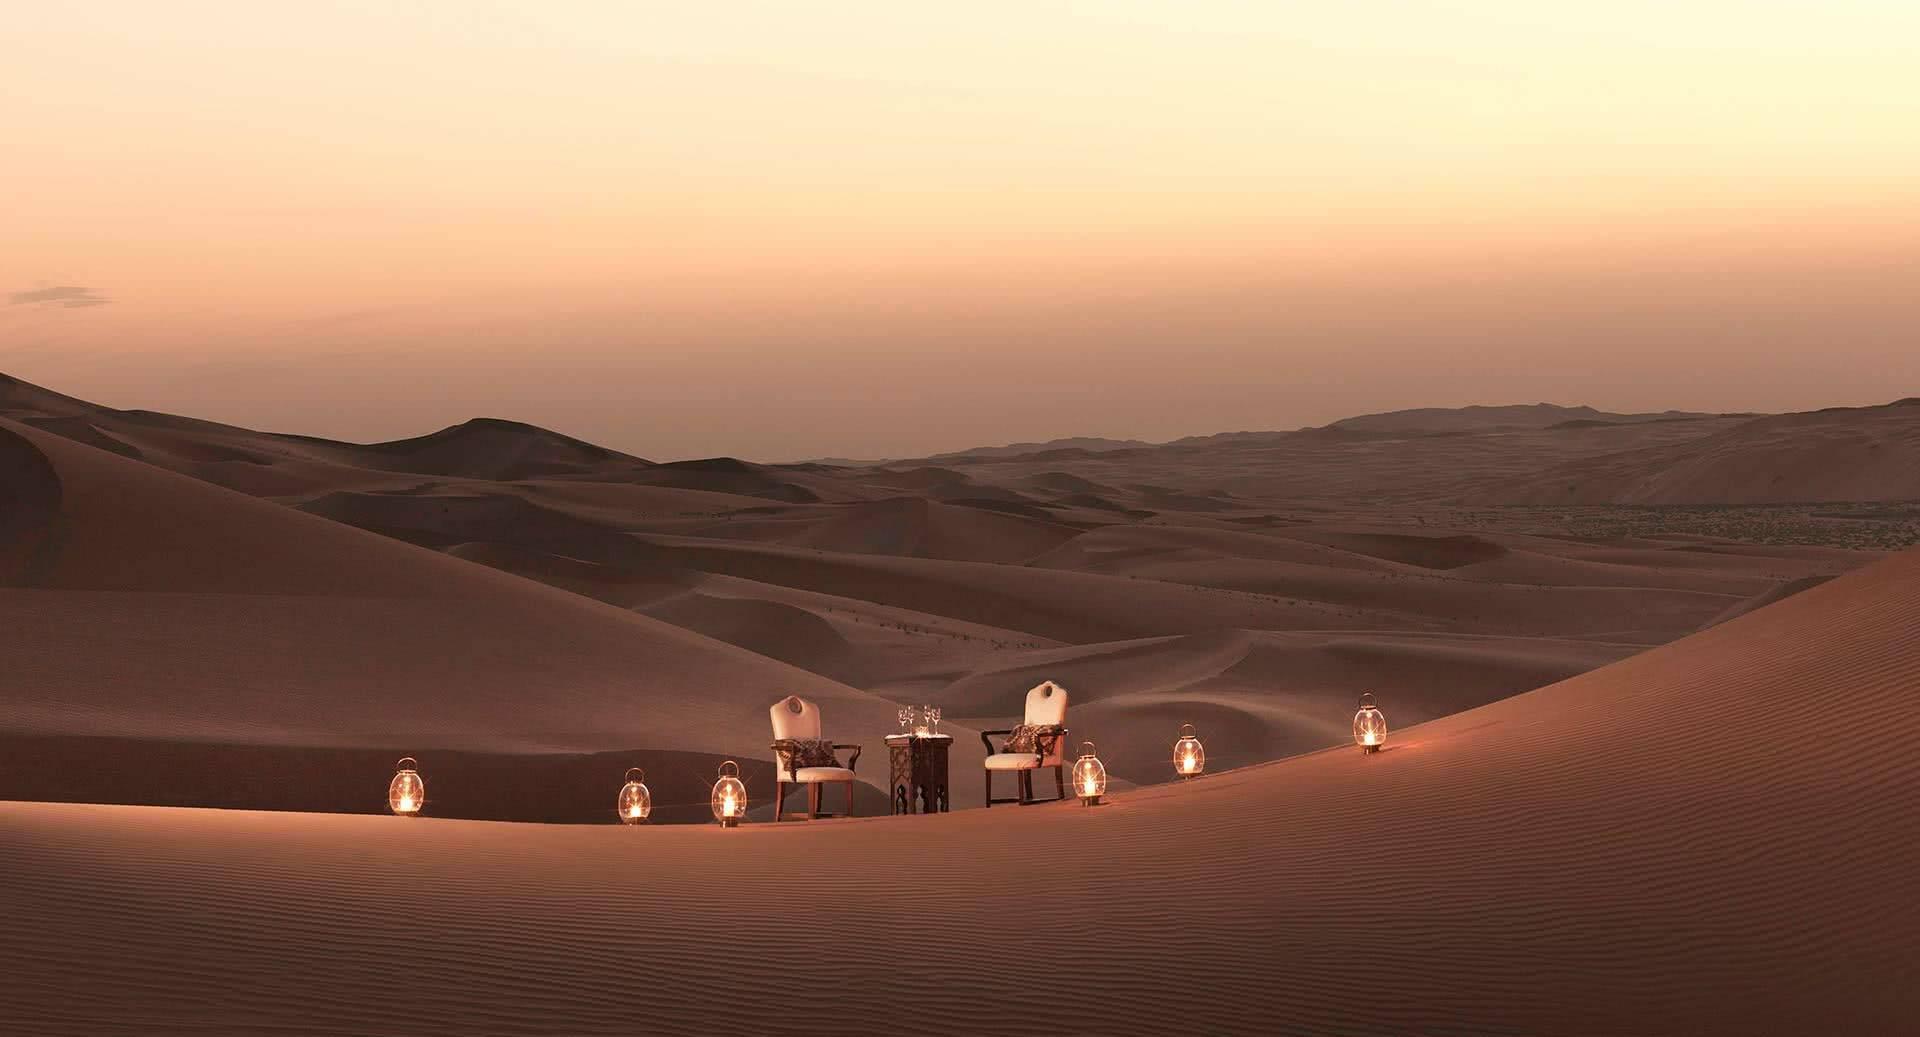 Abu Dhabi Anantara Qasr al Sarab Desert Diner